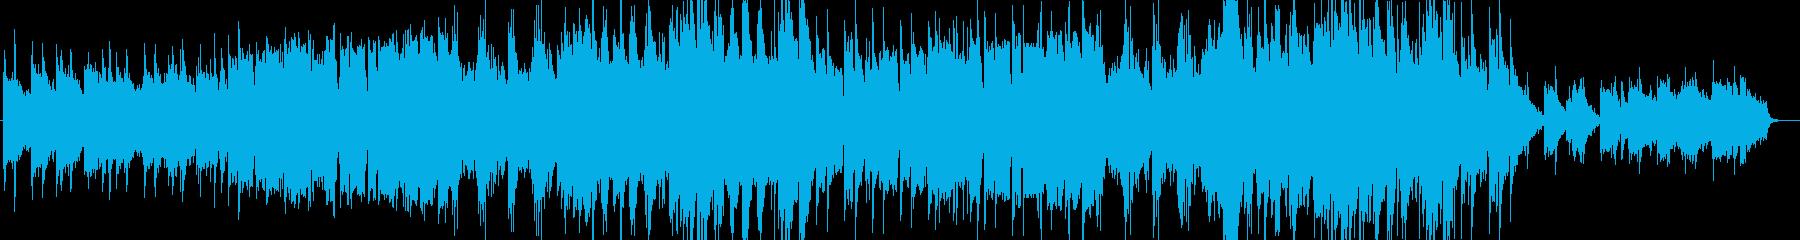 優しく壮大なシンセサイザーサウンドの再生済みの波形